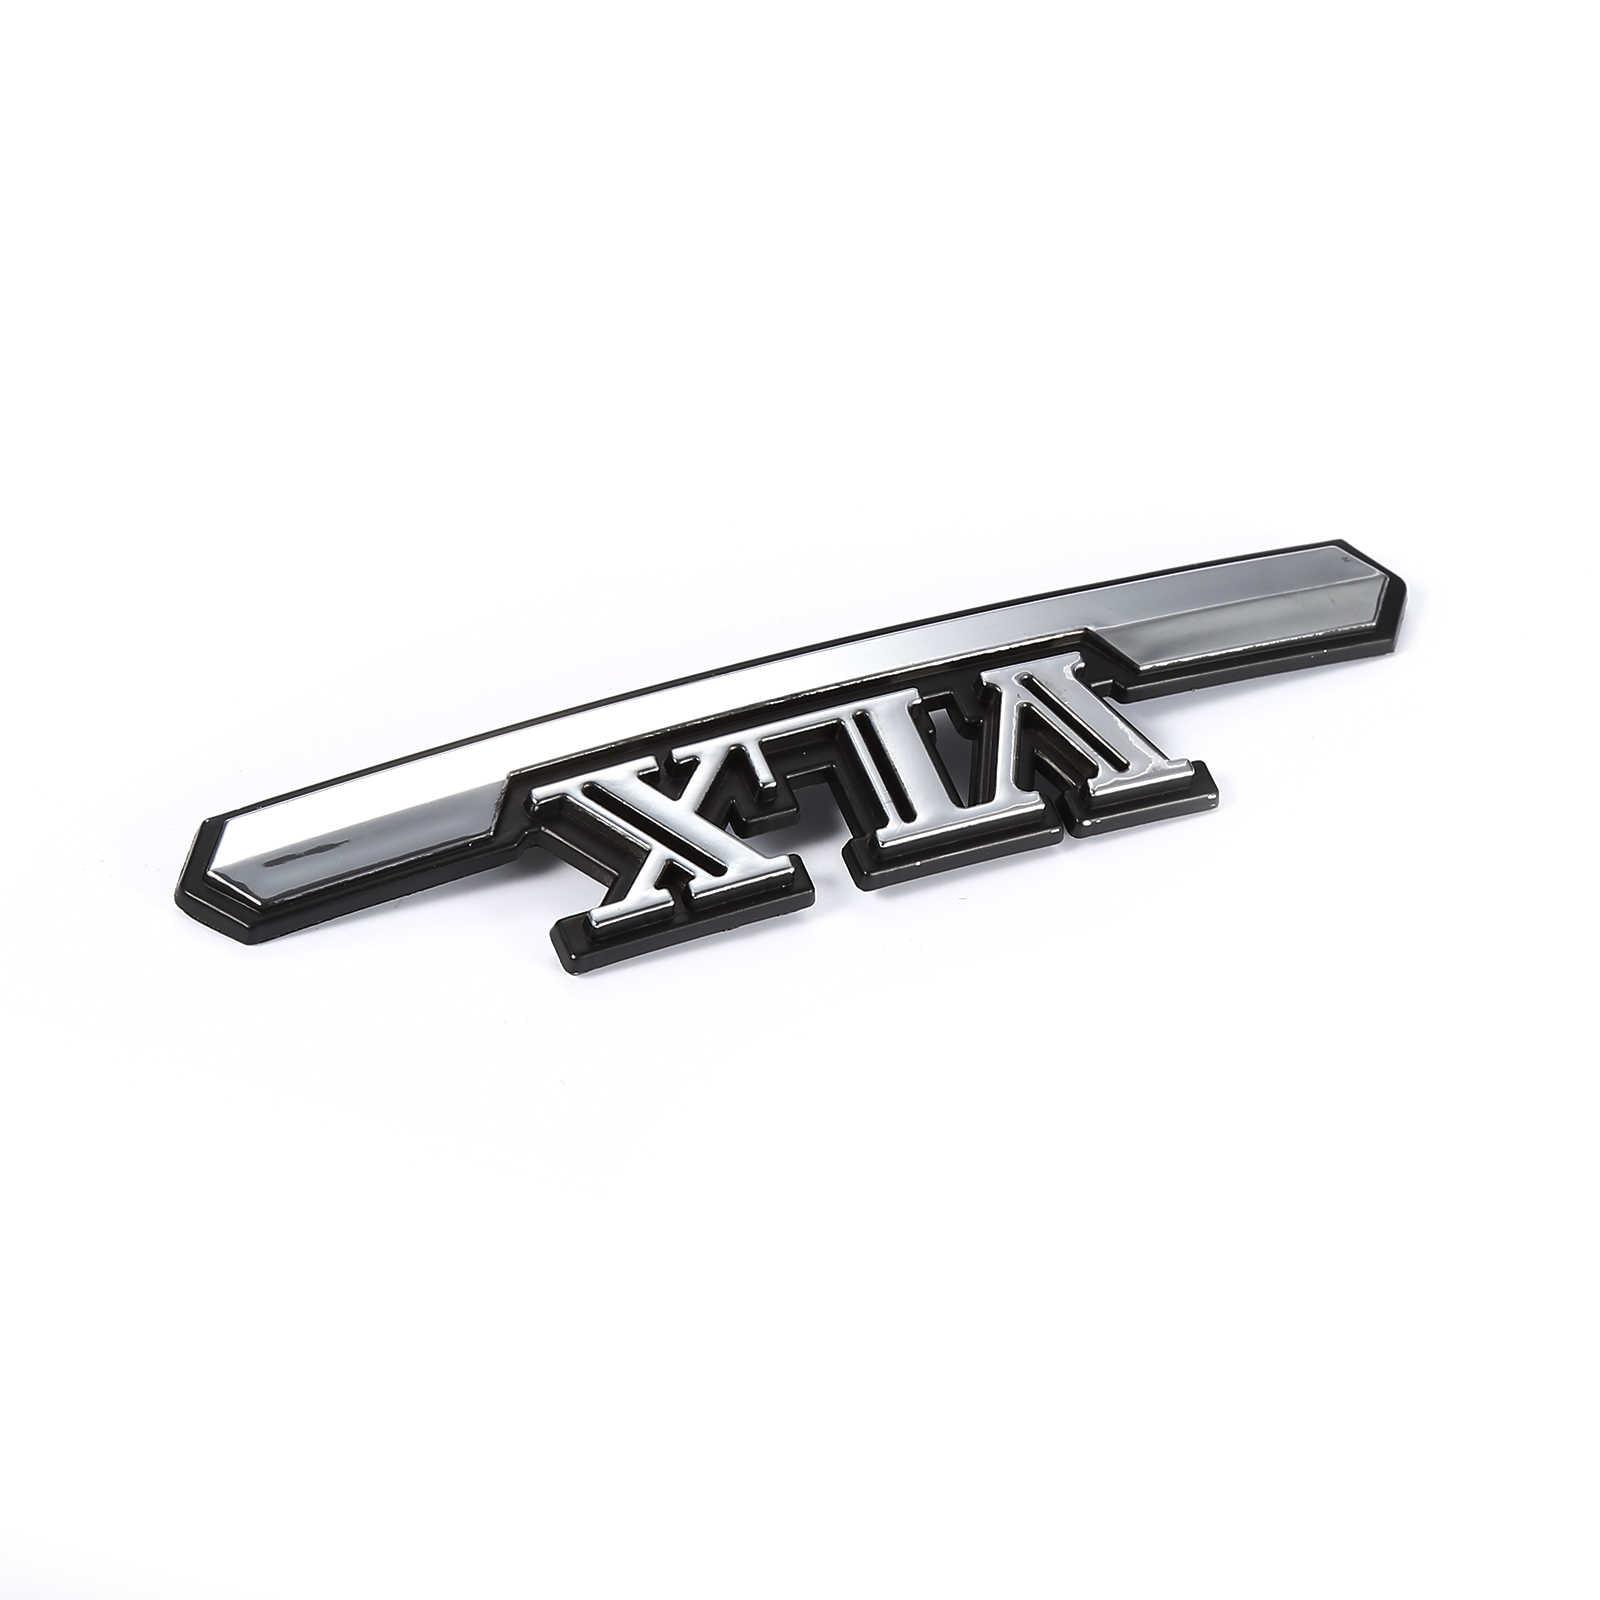 2 CHIẾC 3D Xe Máy Dán Chất Lượng Hàng Đầu Bình Gas Hiệu Huy Hiệu Nhựa Chrome Decal Cho Hondsa VLX Phụ cho Xe Máy